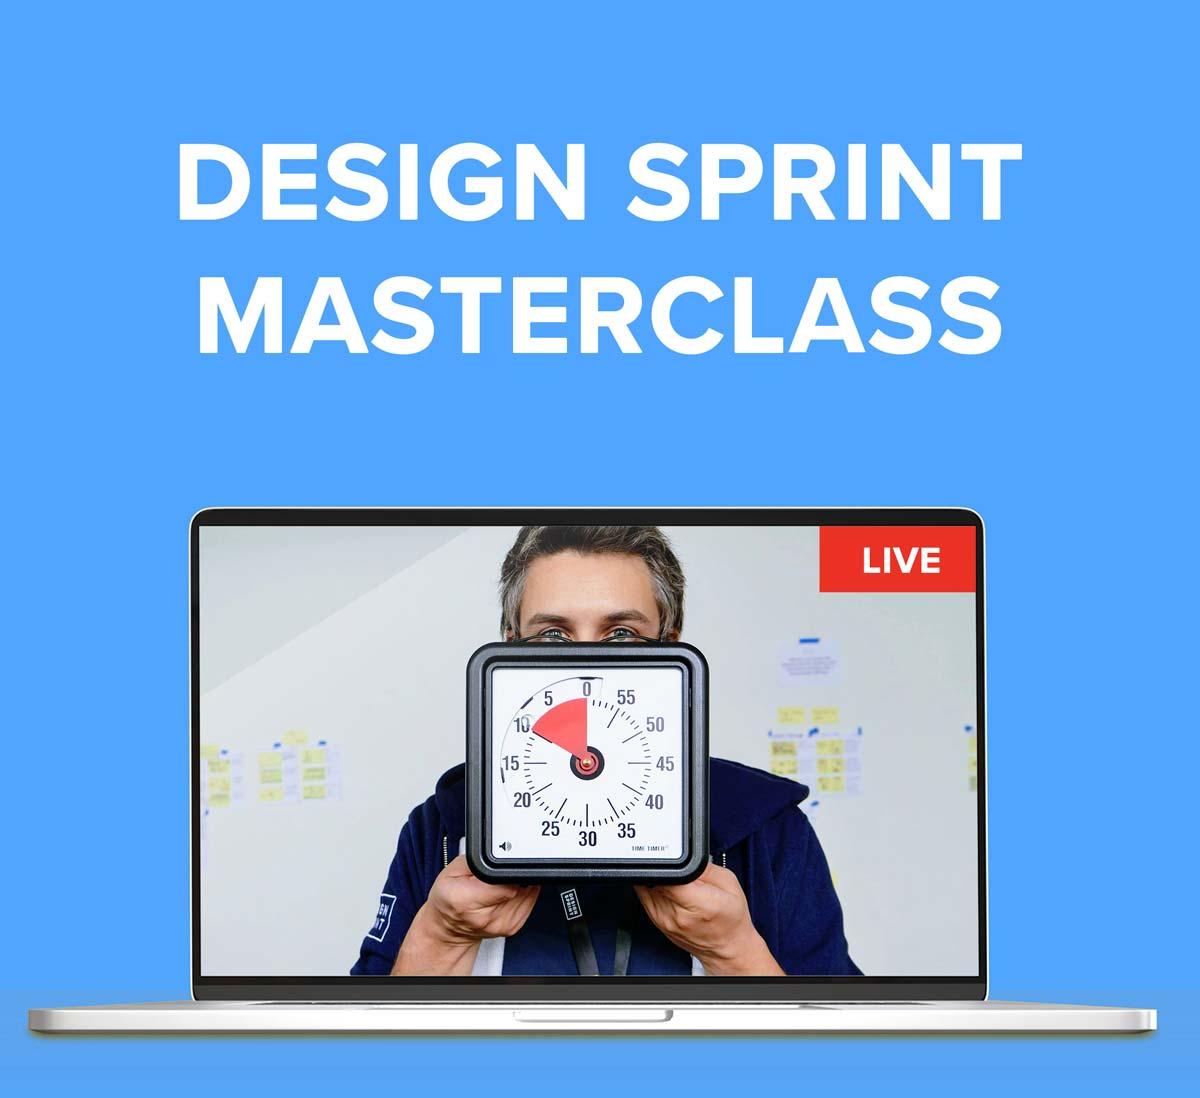 Remote Online Design Sprint Masterclass Steph Cruchon